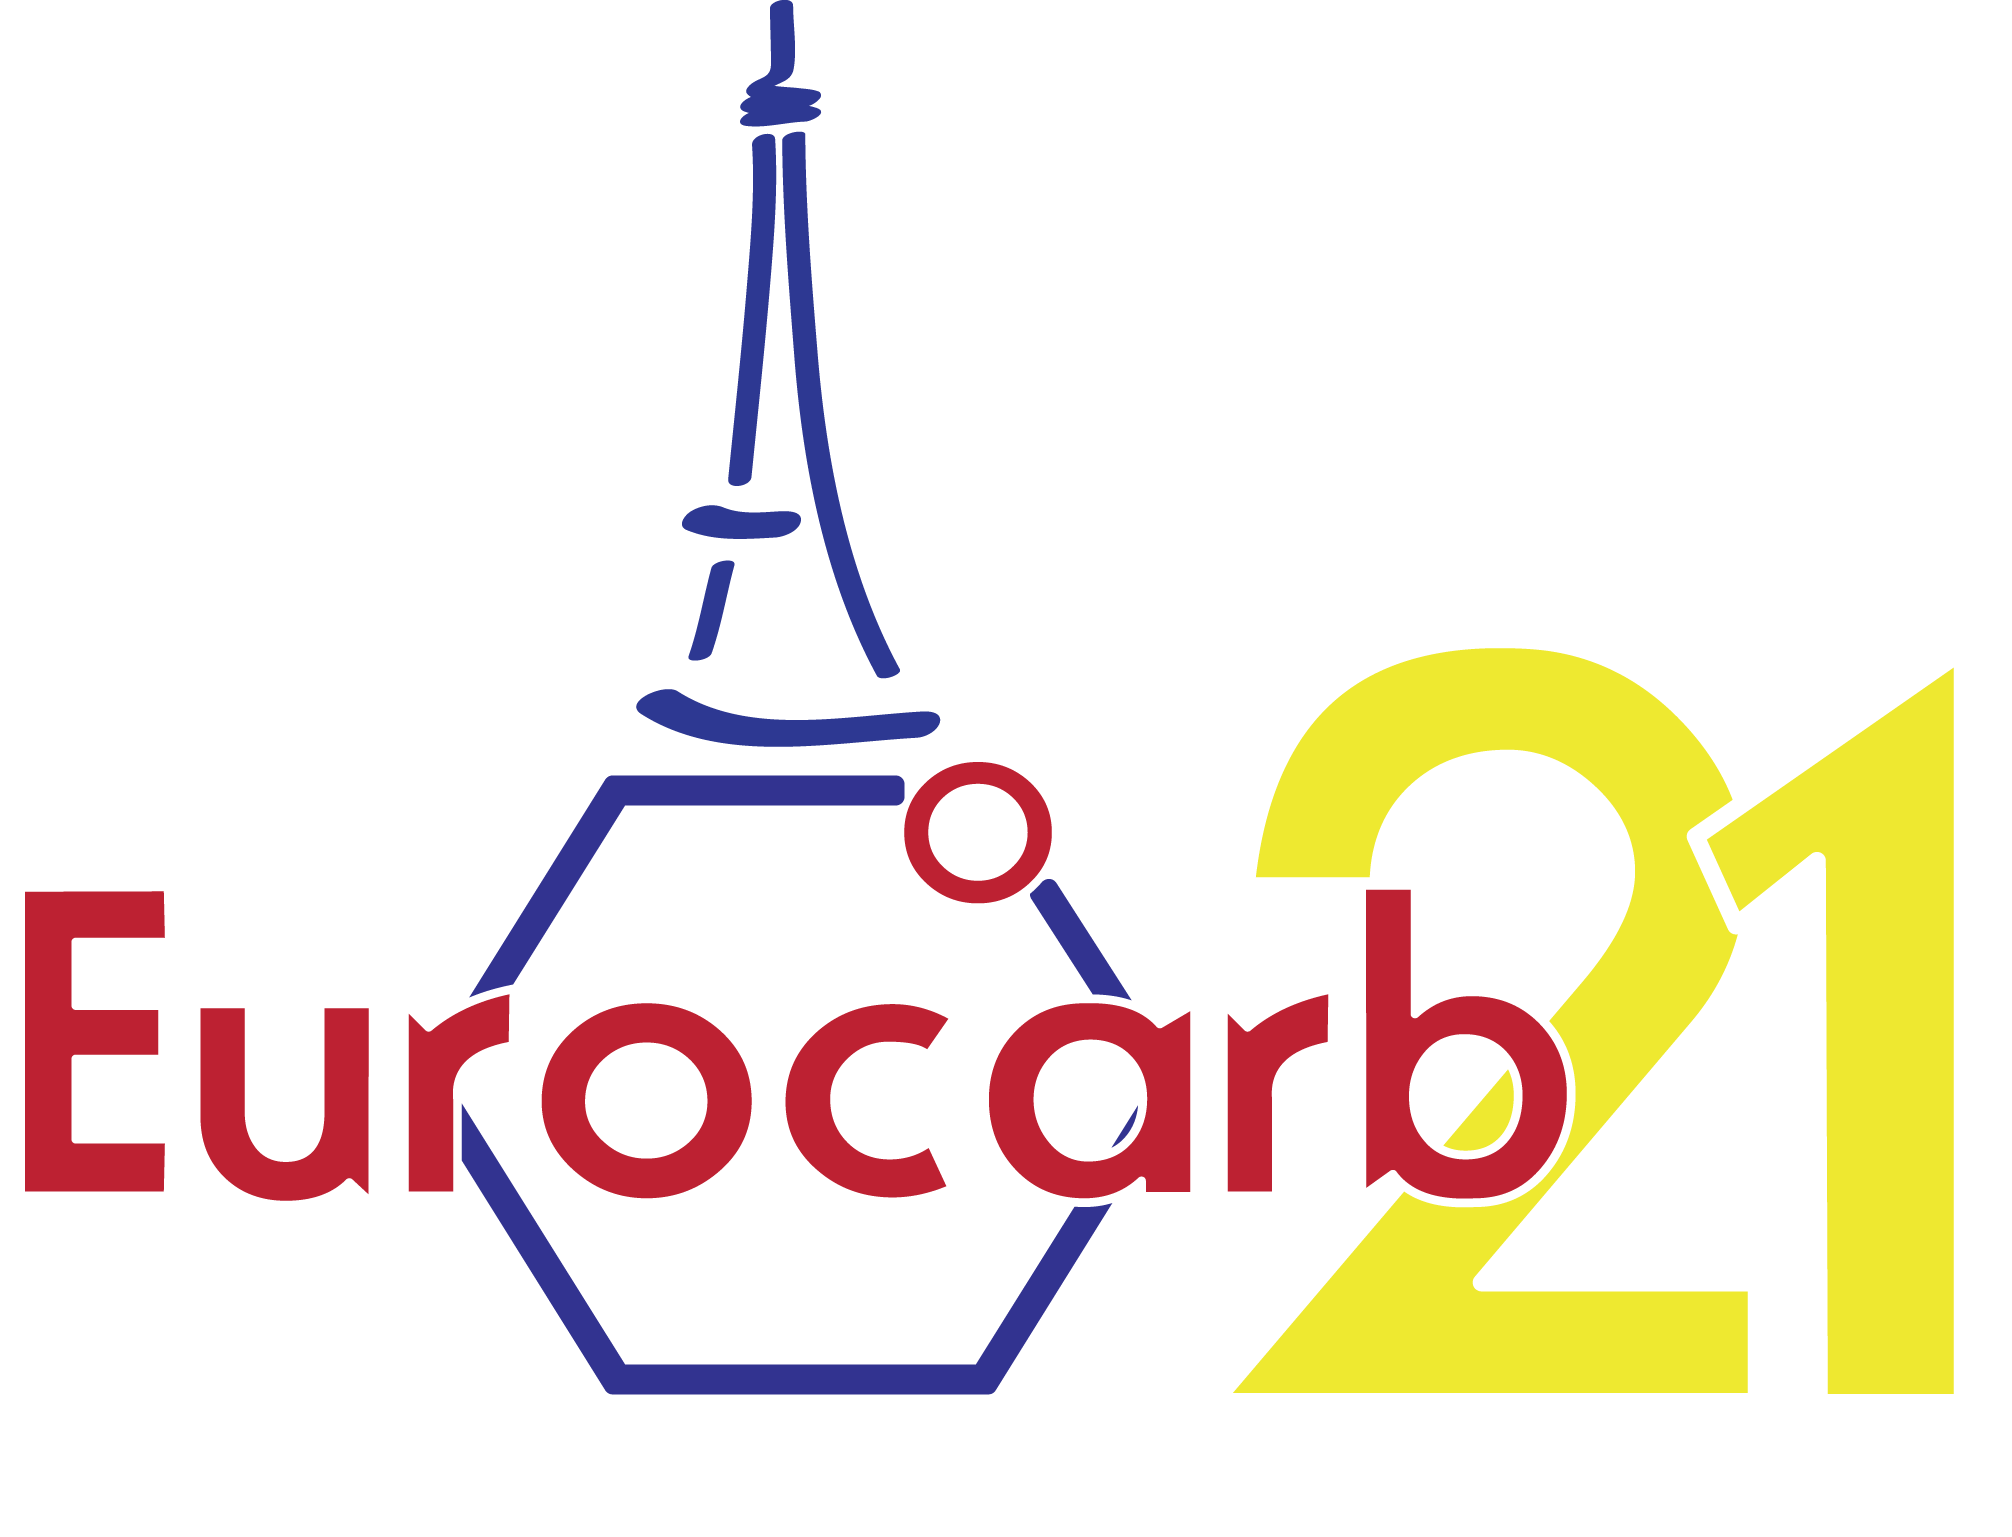 Eurocarb 21